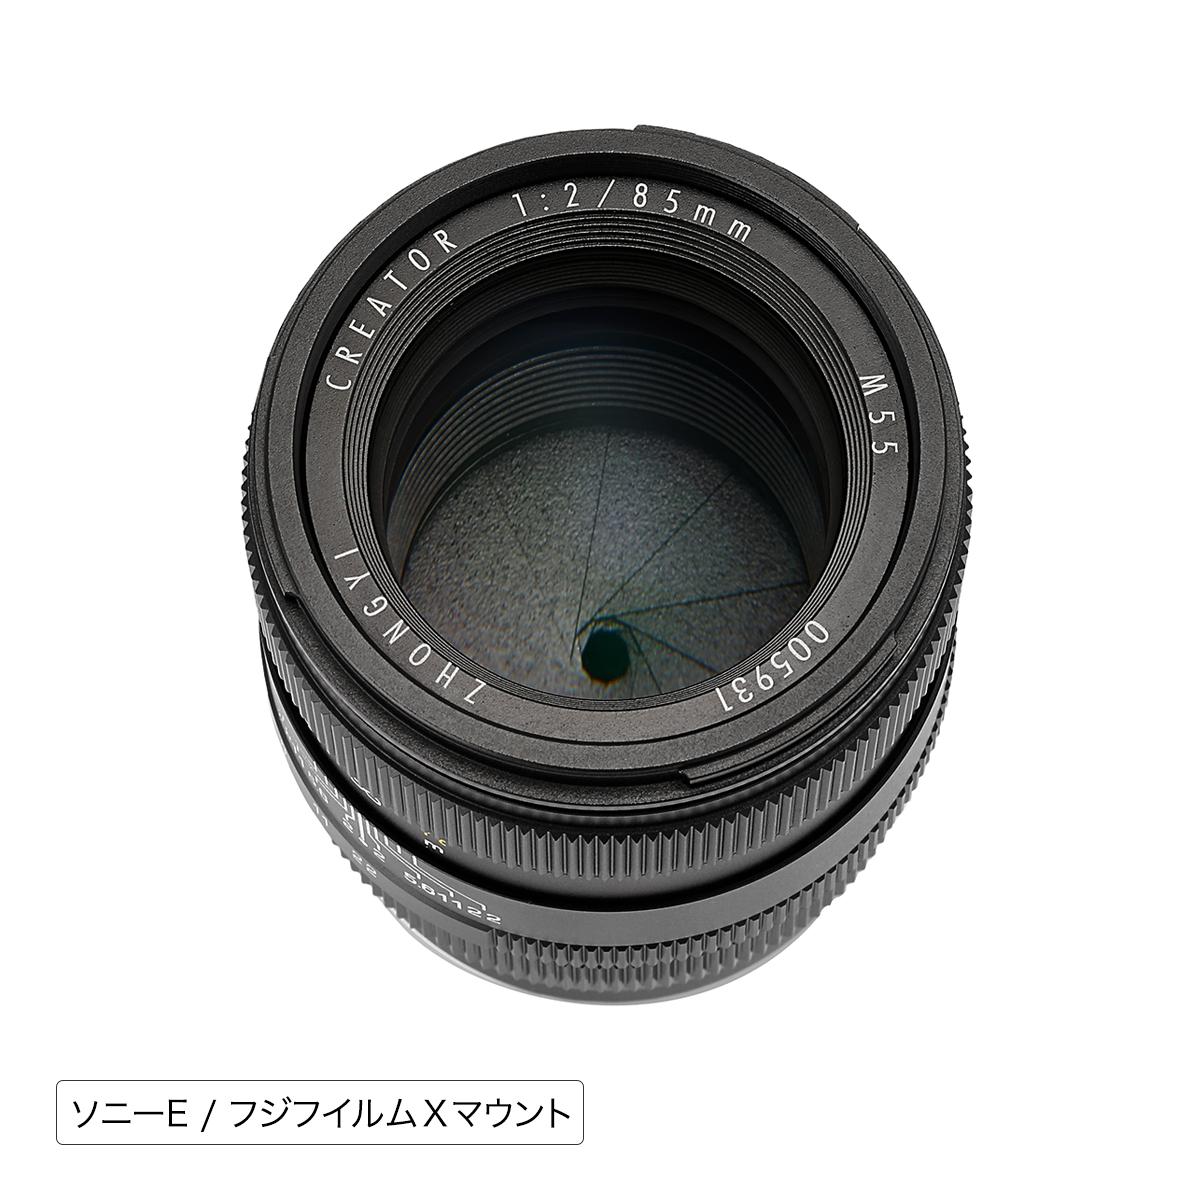 中一光学 CREATOR 85mm F2.0 単焦点レンズ ブラック